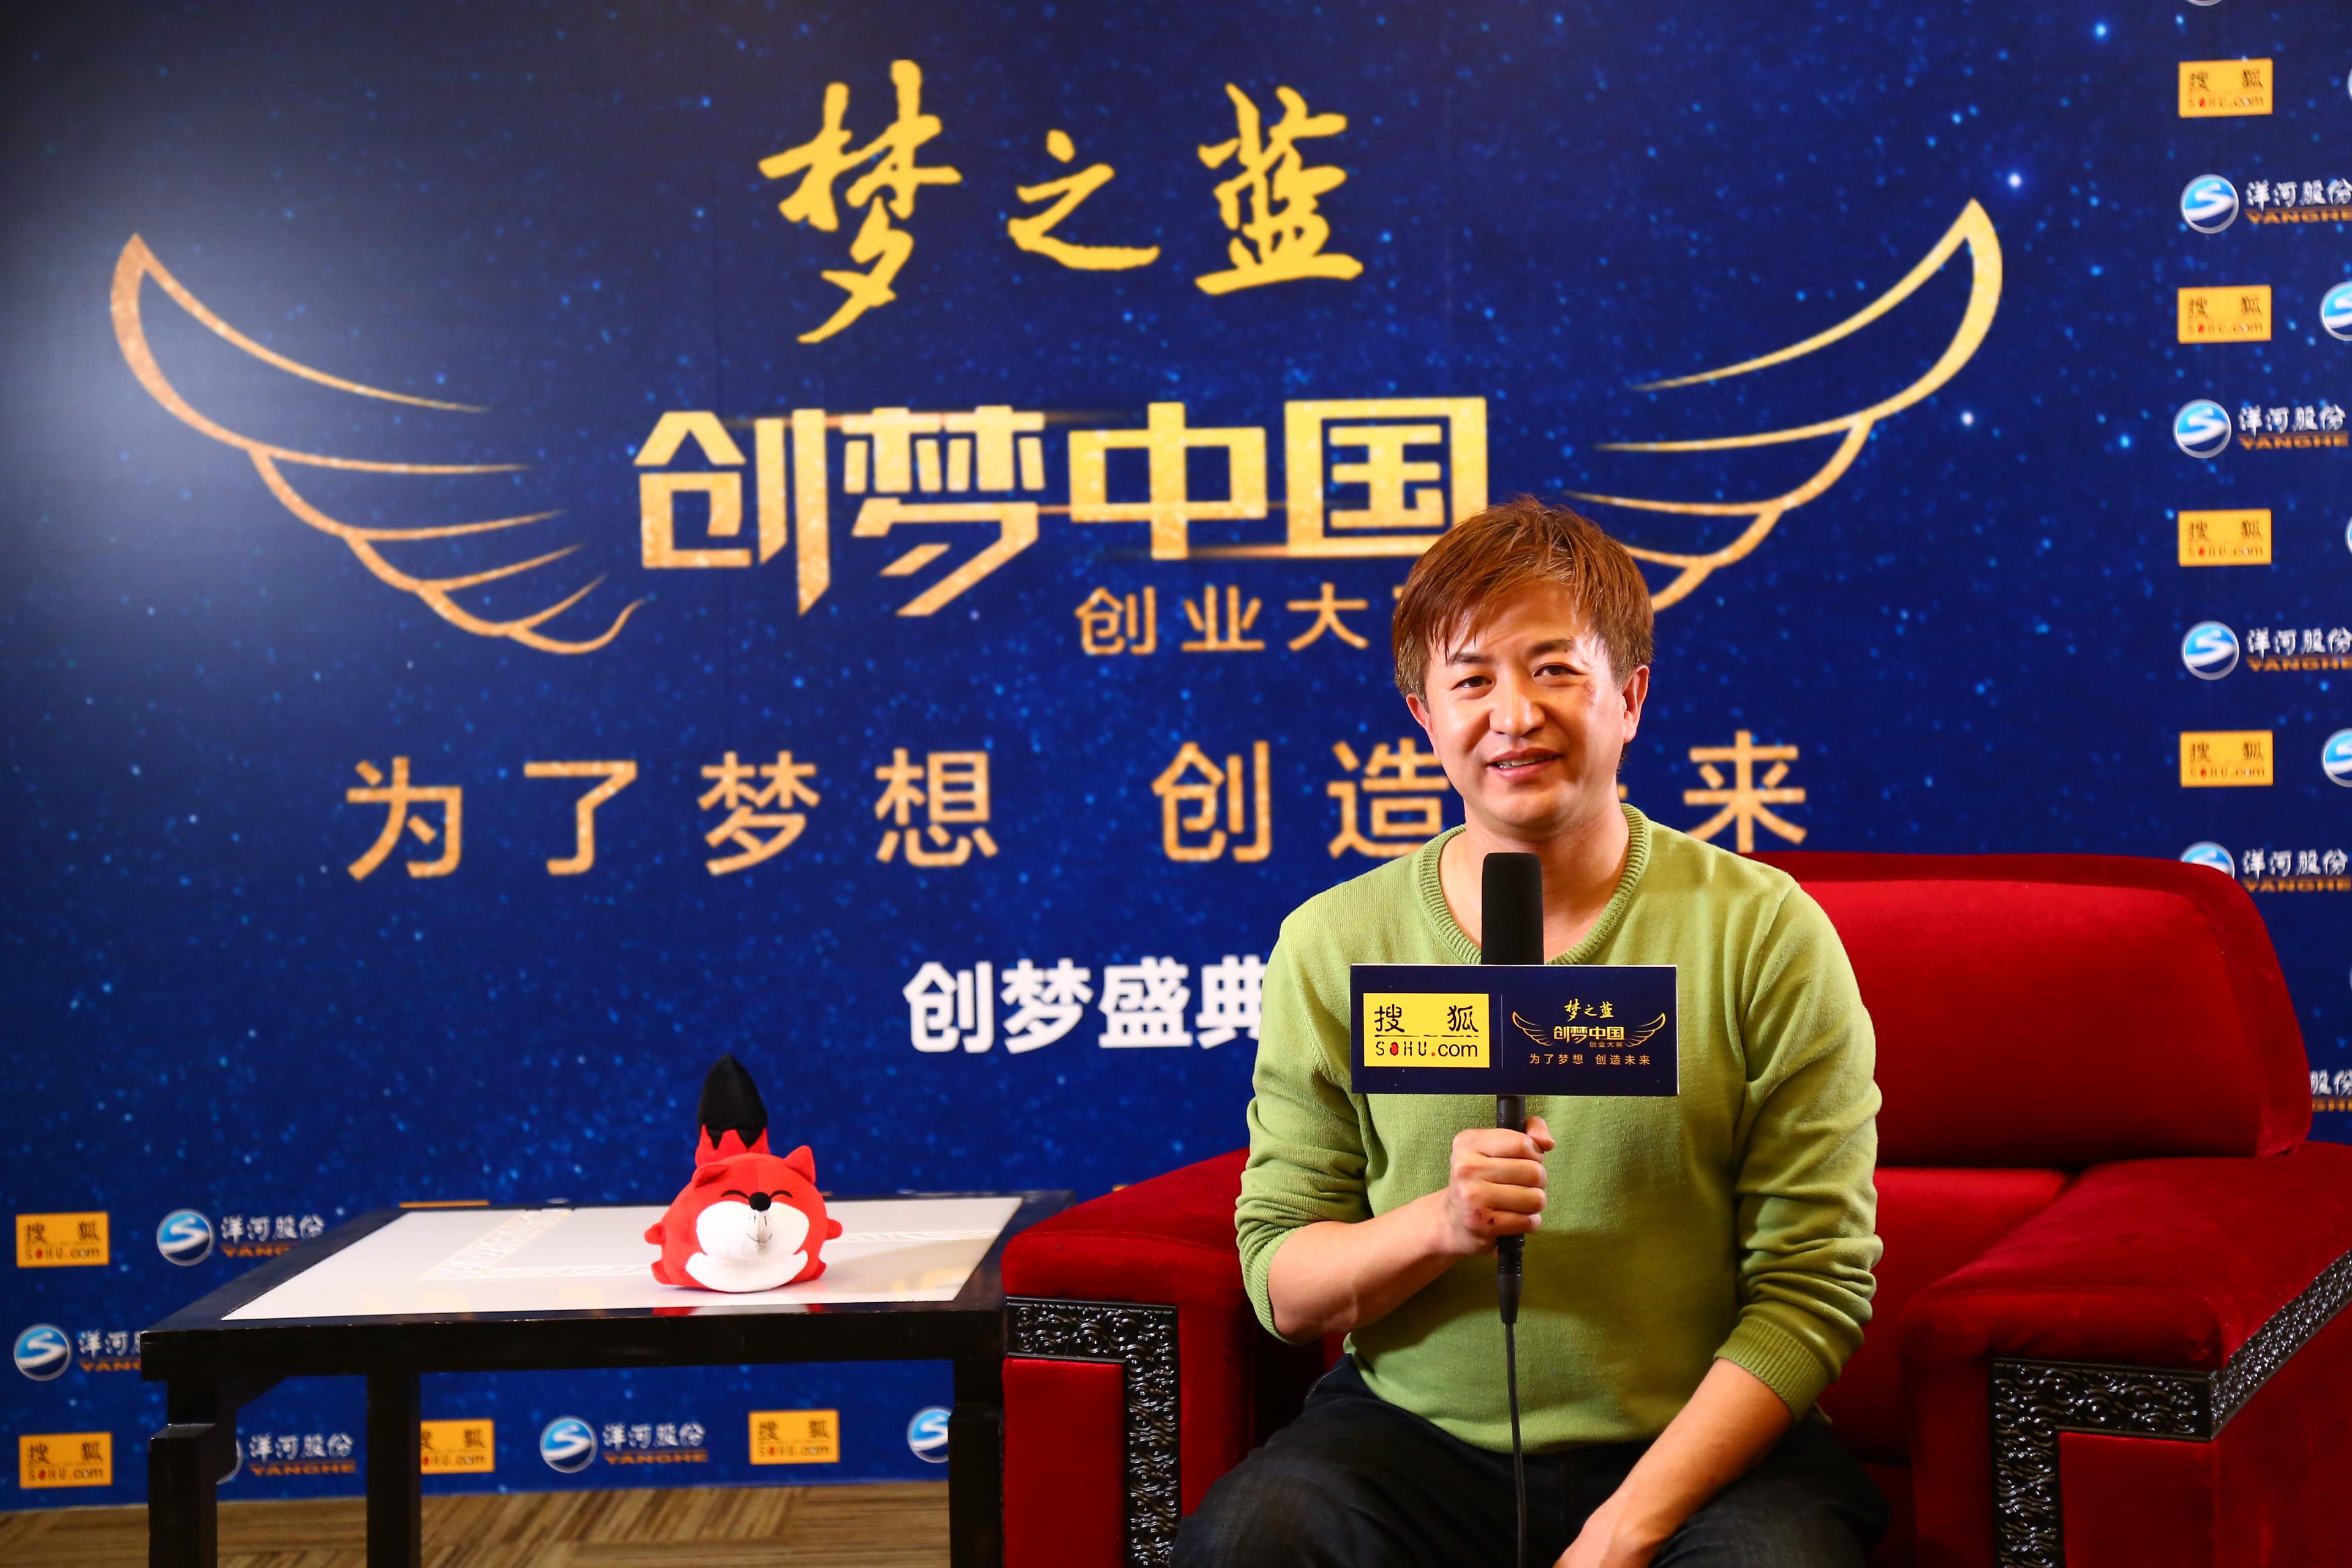 香港马会开奖结果论坛:慕岩创业梦想重要赛道时运也很重要